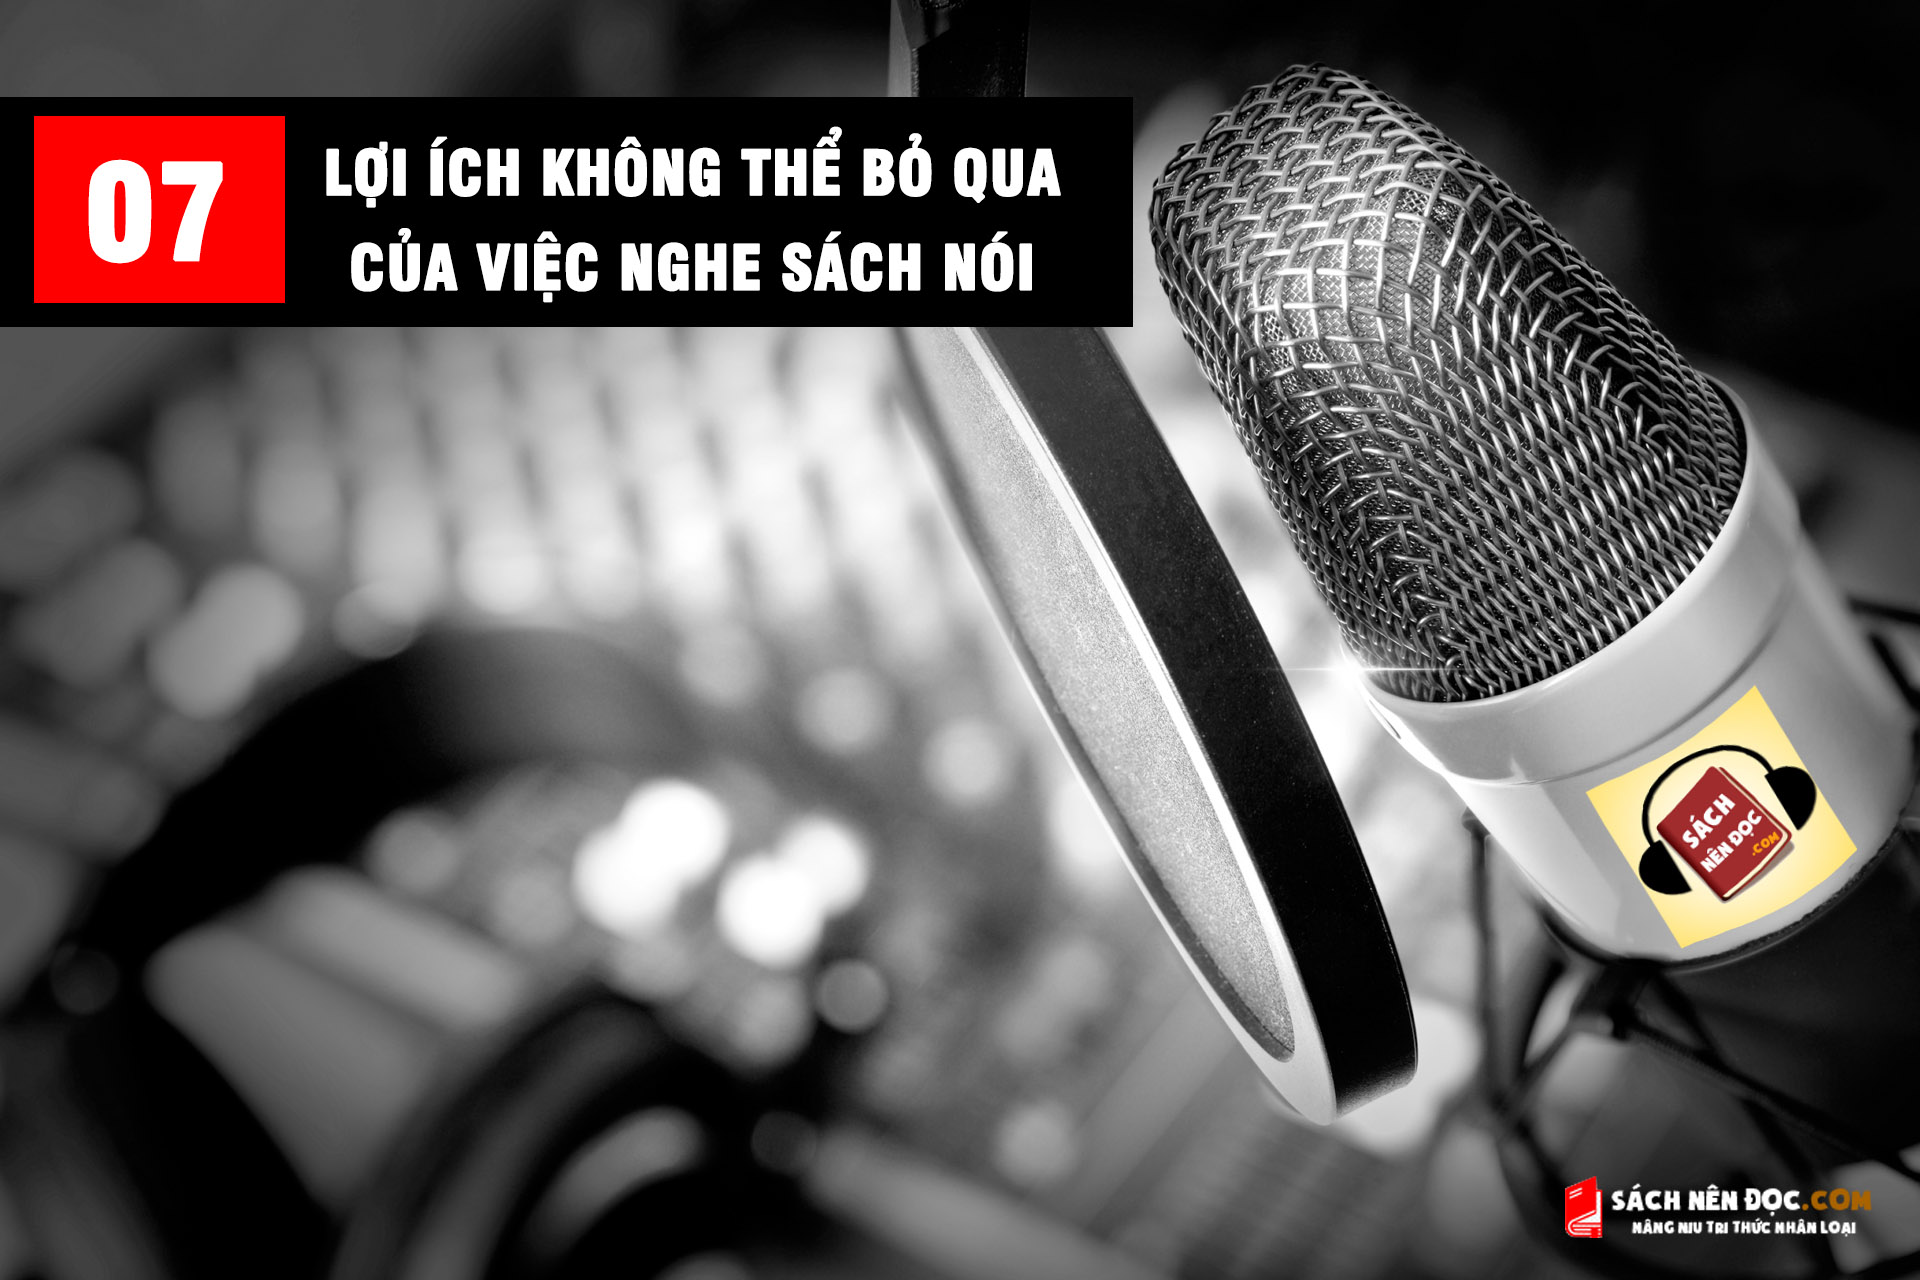 07-loi-ich-khong-the-bo-qua-cua-sach-noi-ban-nen-biet